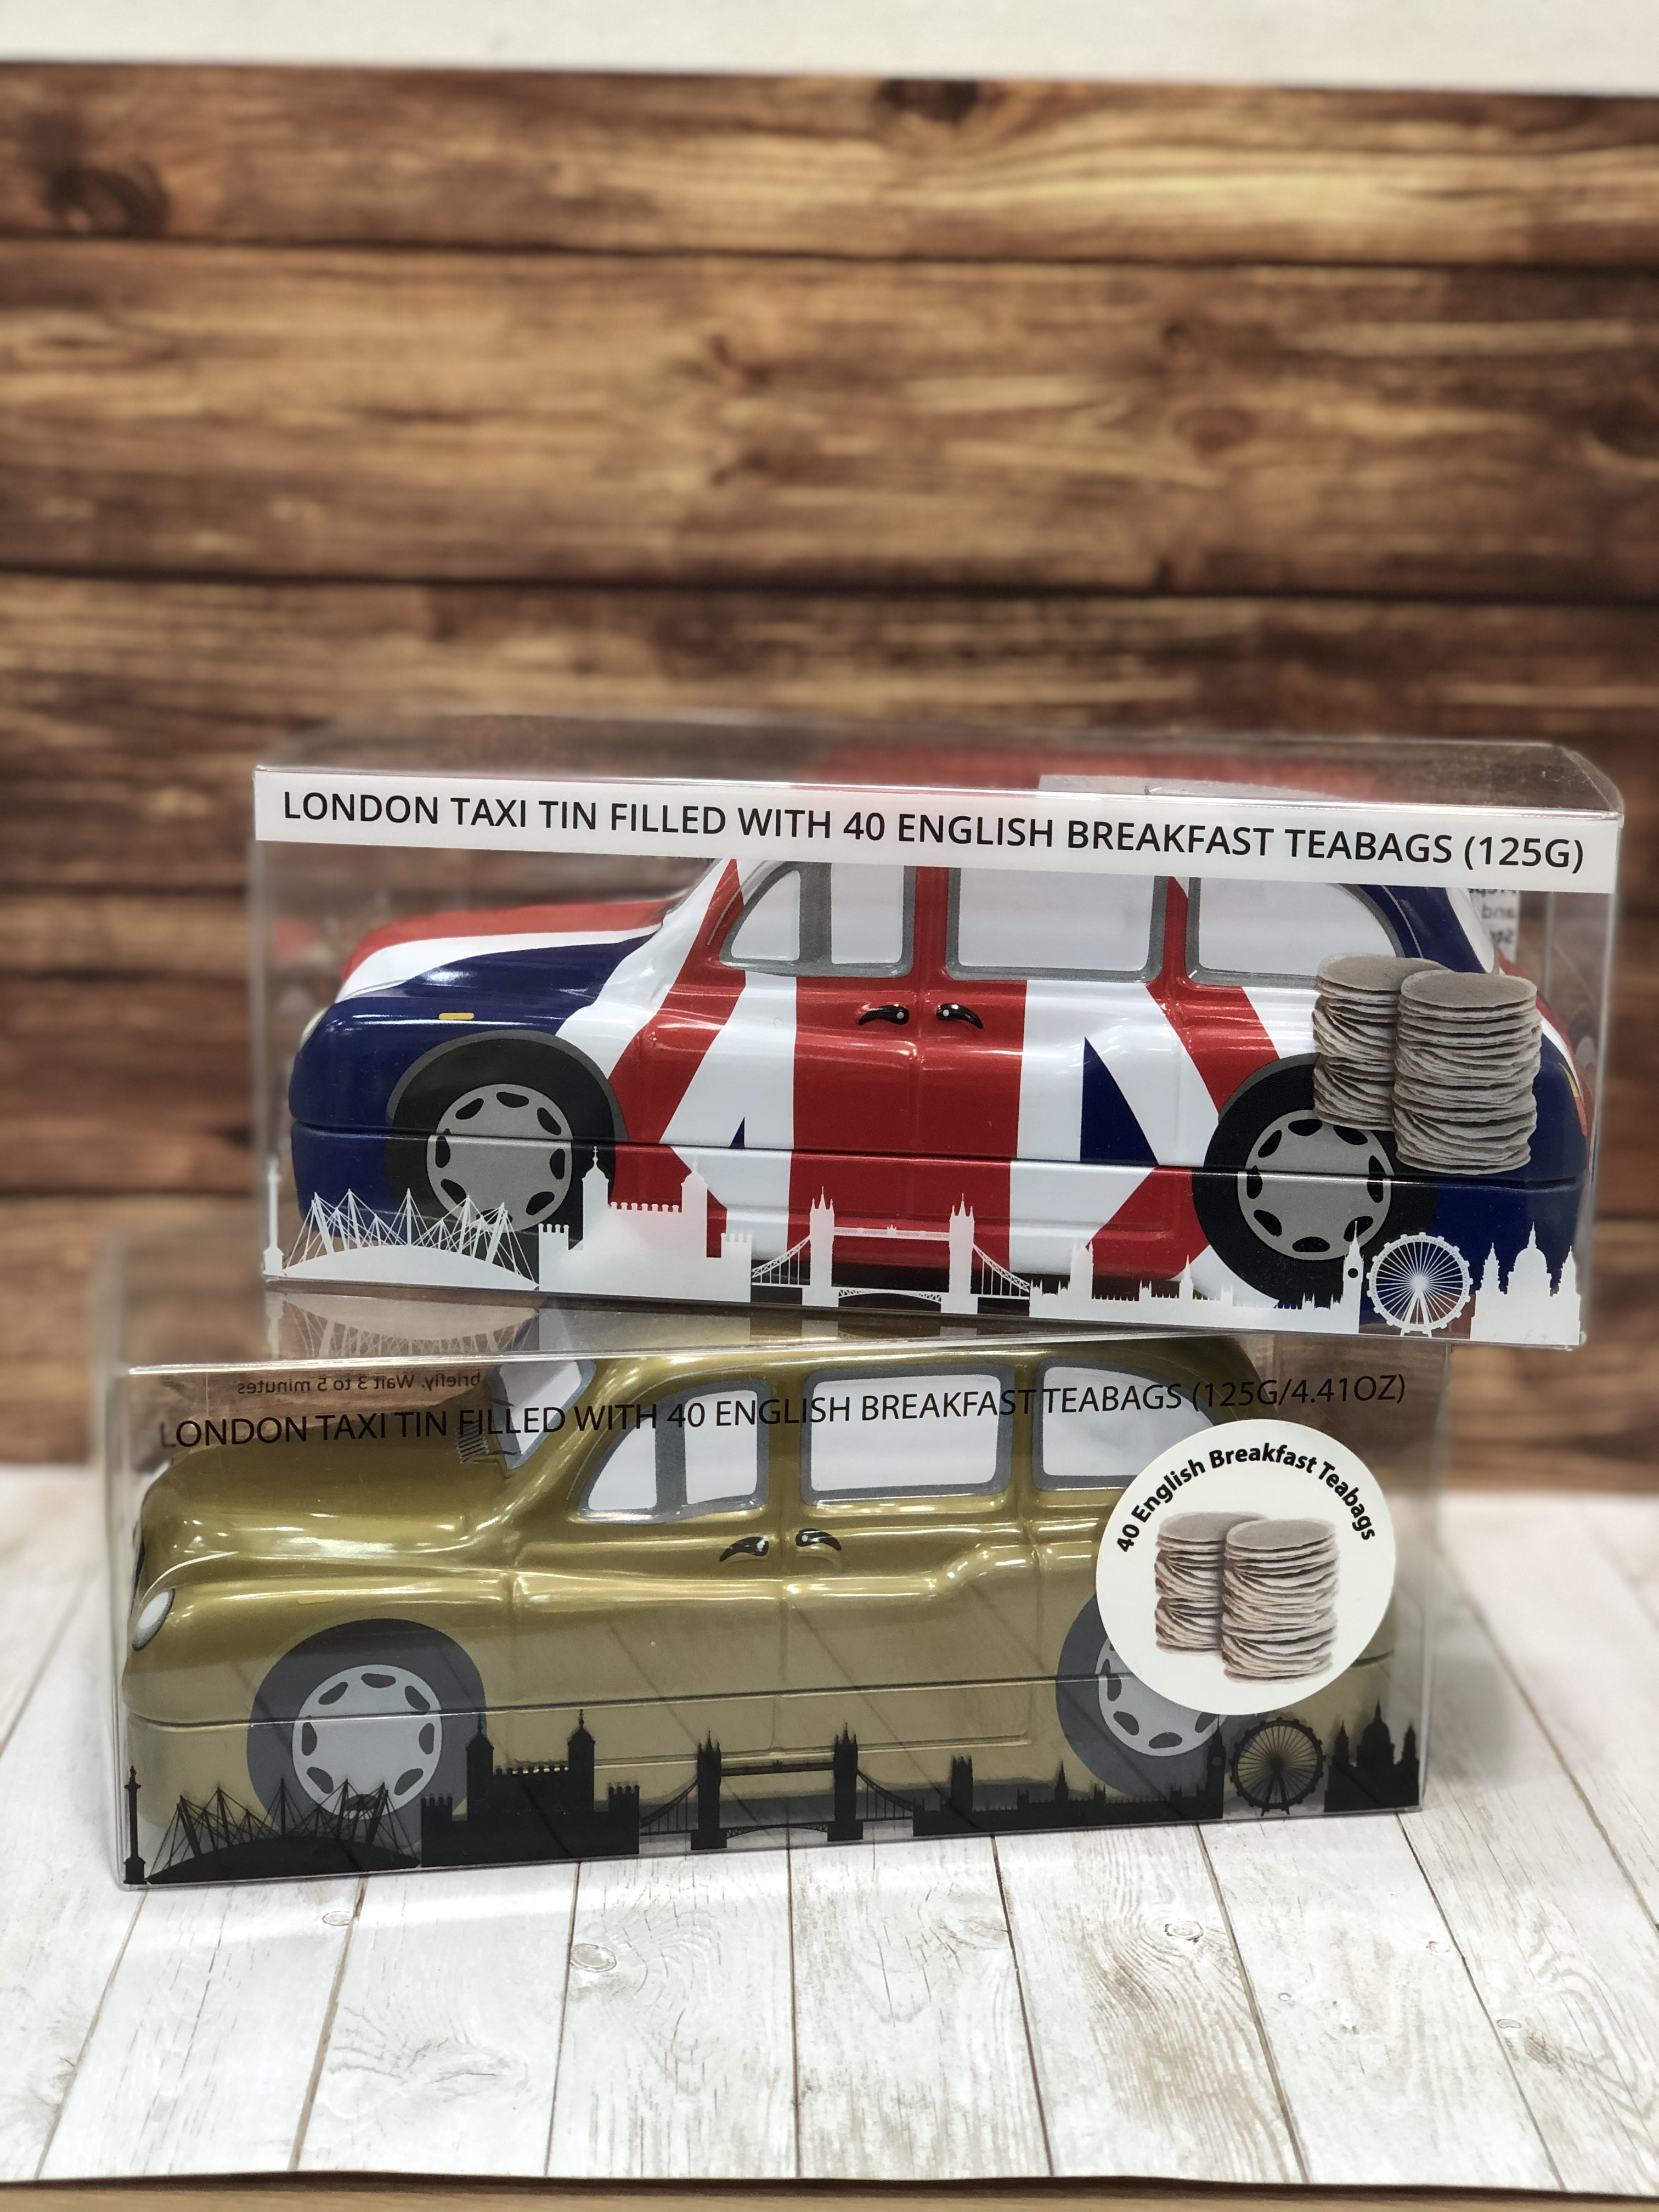 イギリスお土産 ロンドンタクシー 紅茶 ティーバッグ